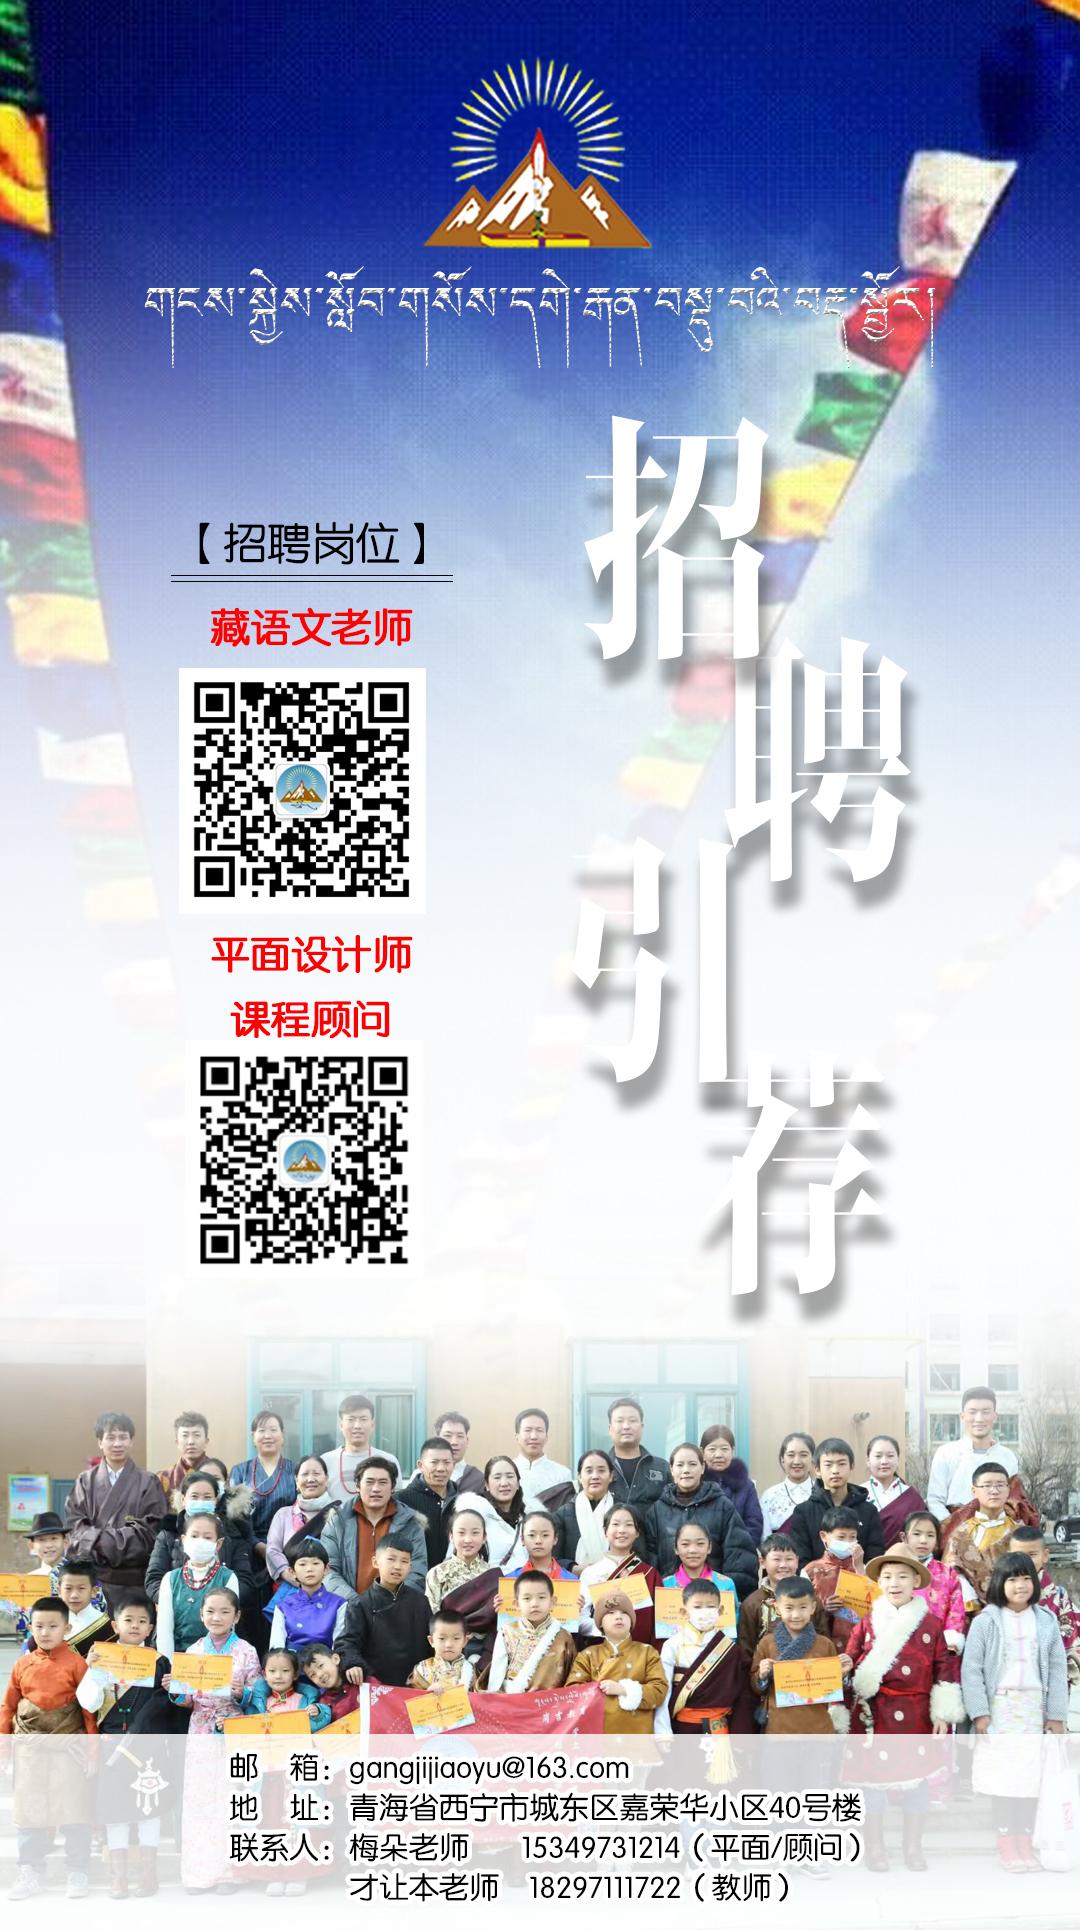 微信图片_20210318101557.jpg